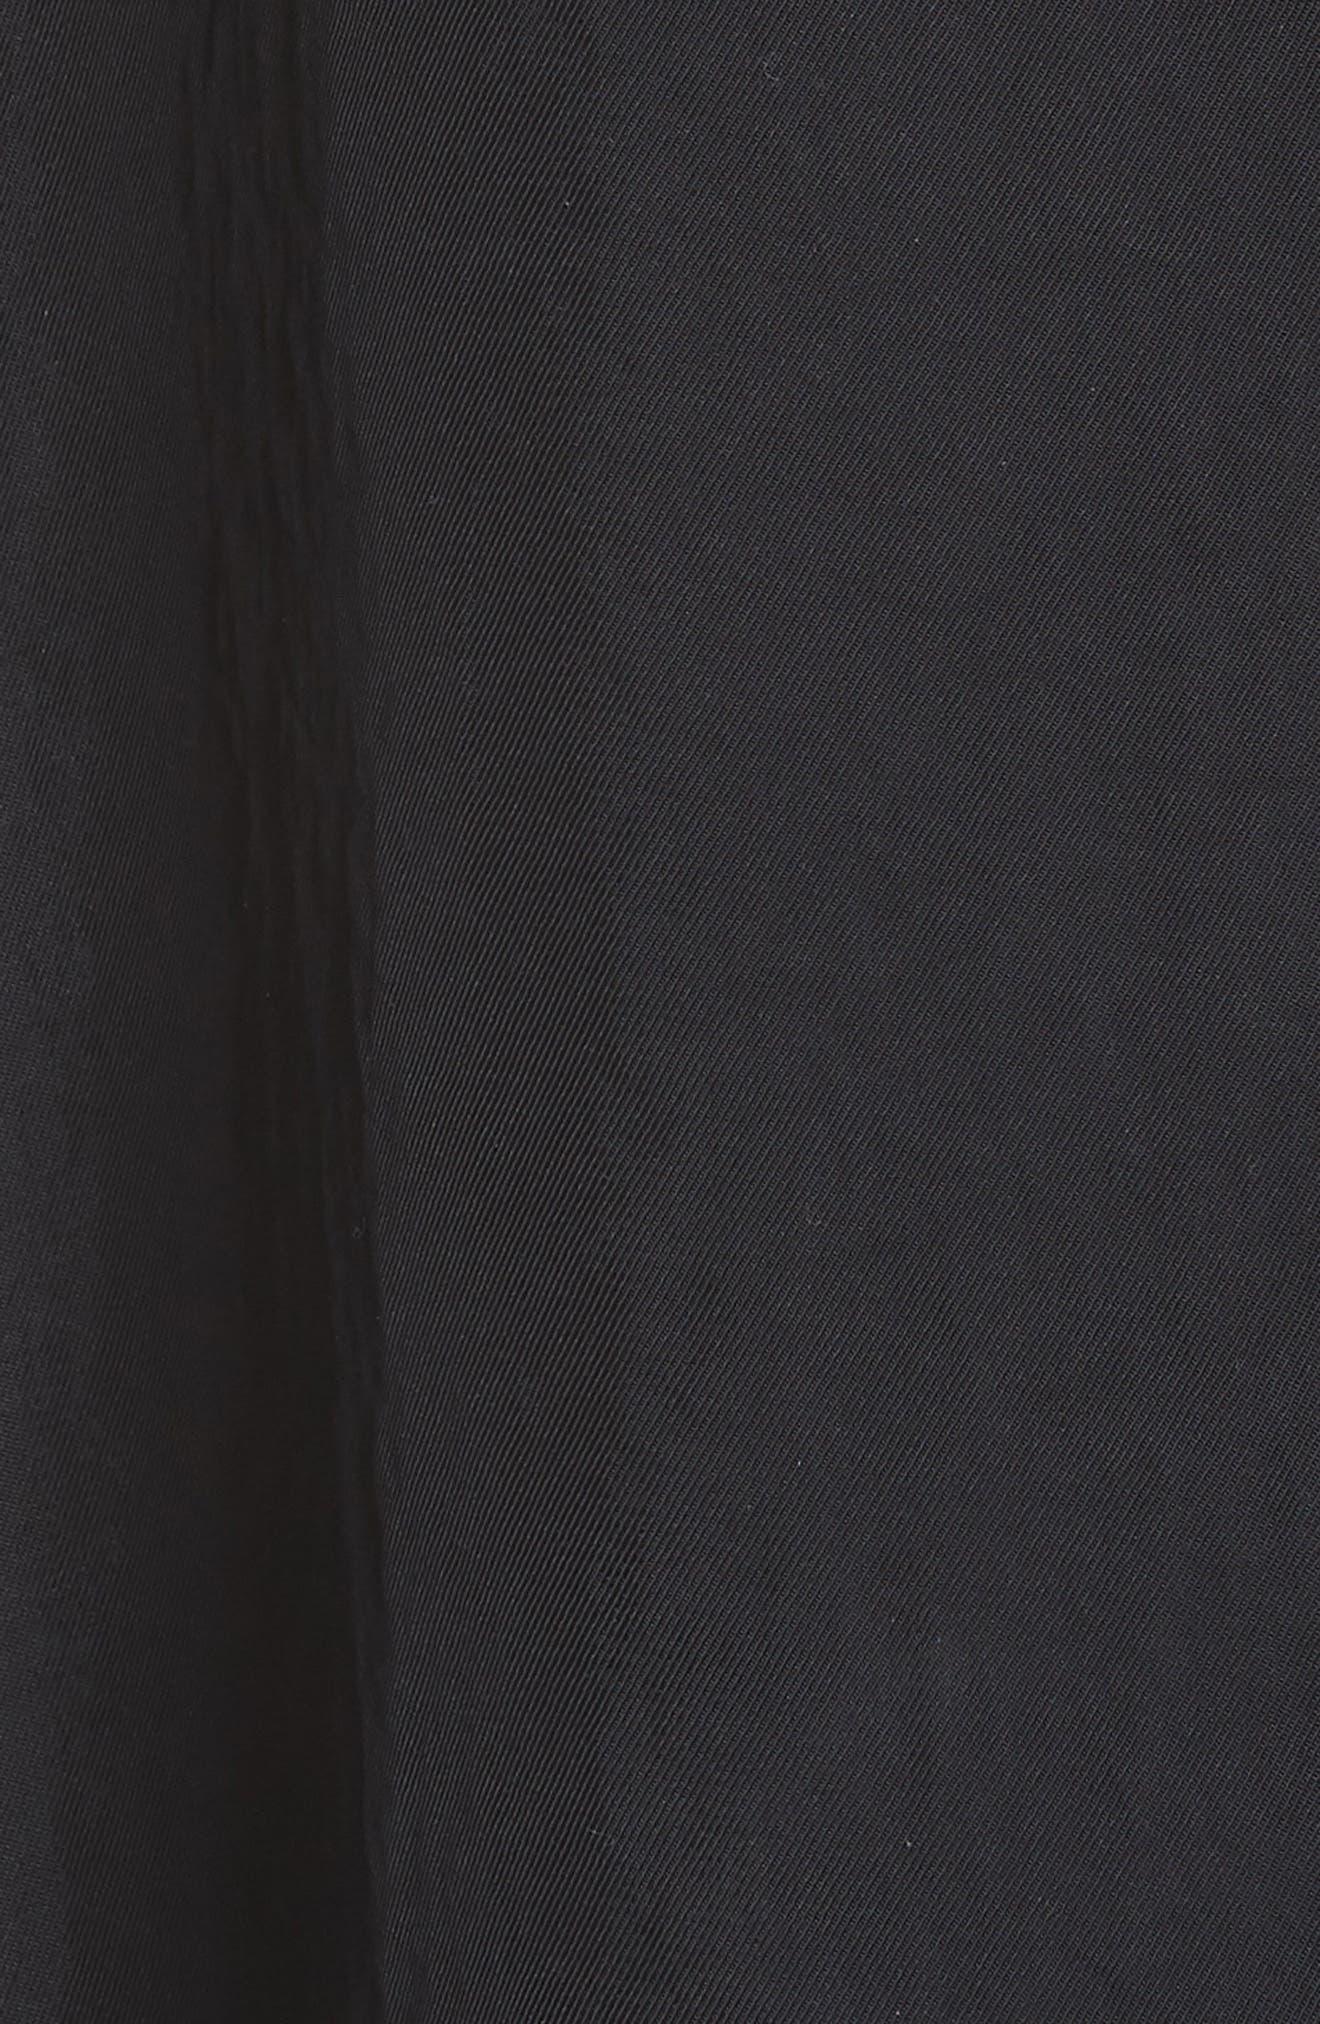 Rib Trim Dress,                             Alternate thumbnail 6, color,                             001